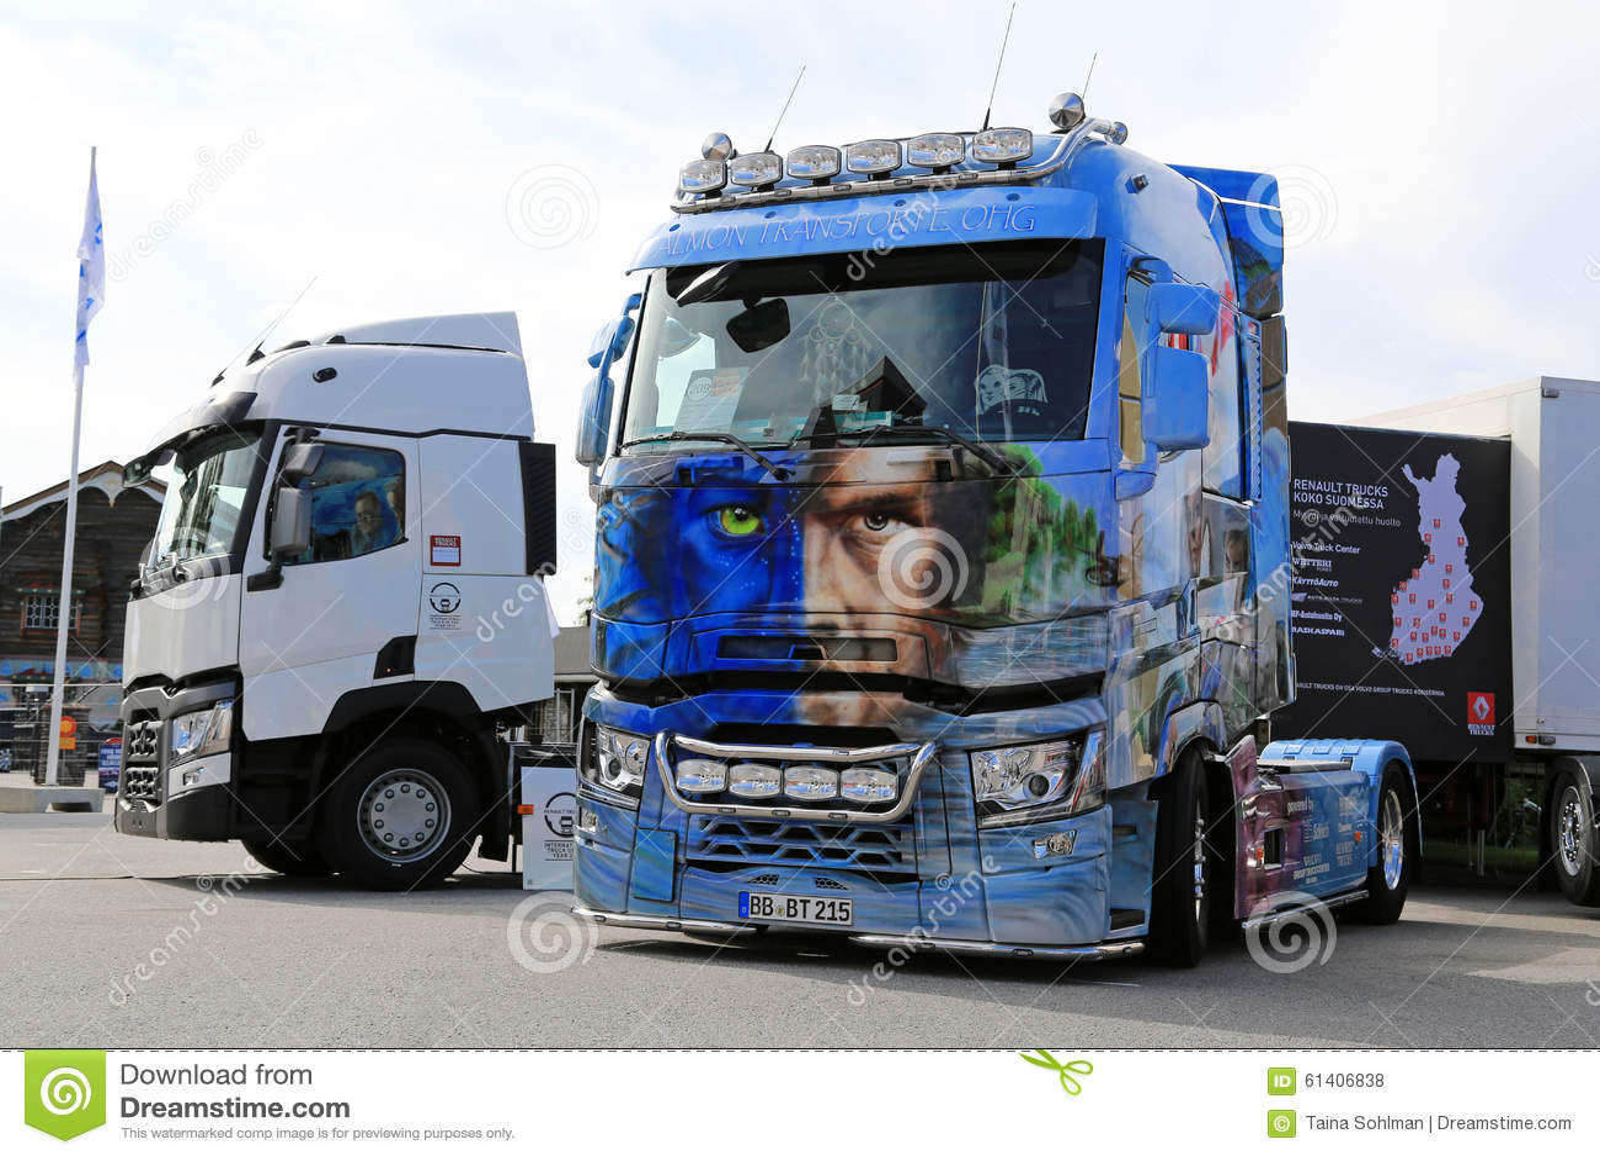 avatar de renault trucks t sur l 39 exposition de camion de puissance photo stock ditorial image. Black Bedroom Furniture Sets. Home Design Ideas